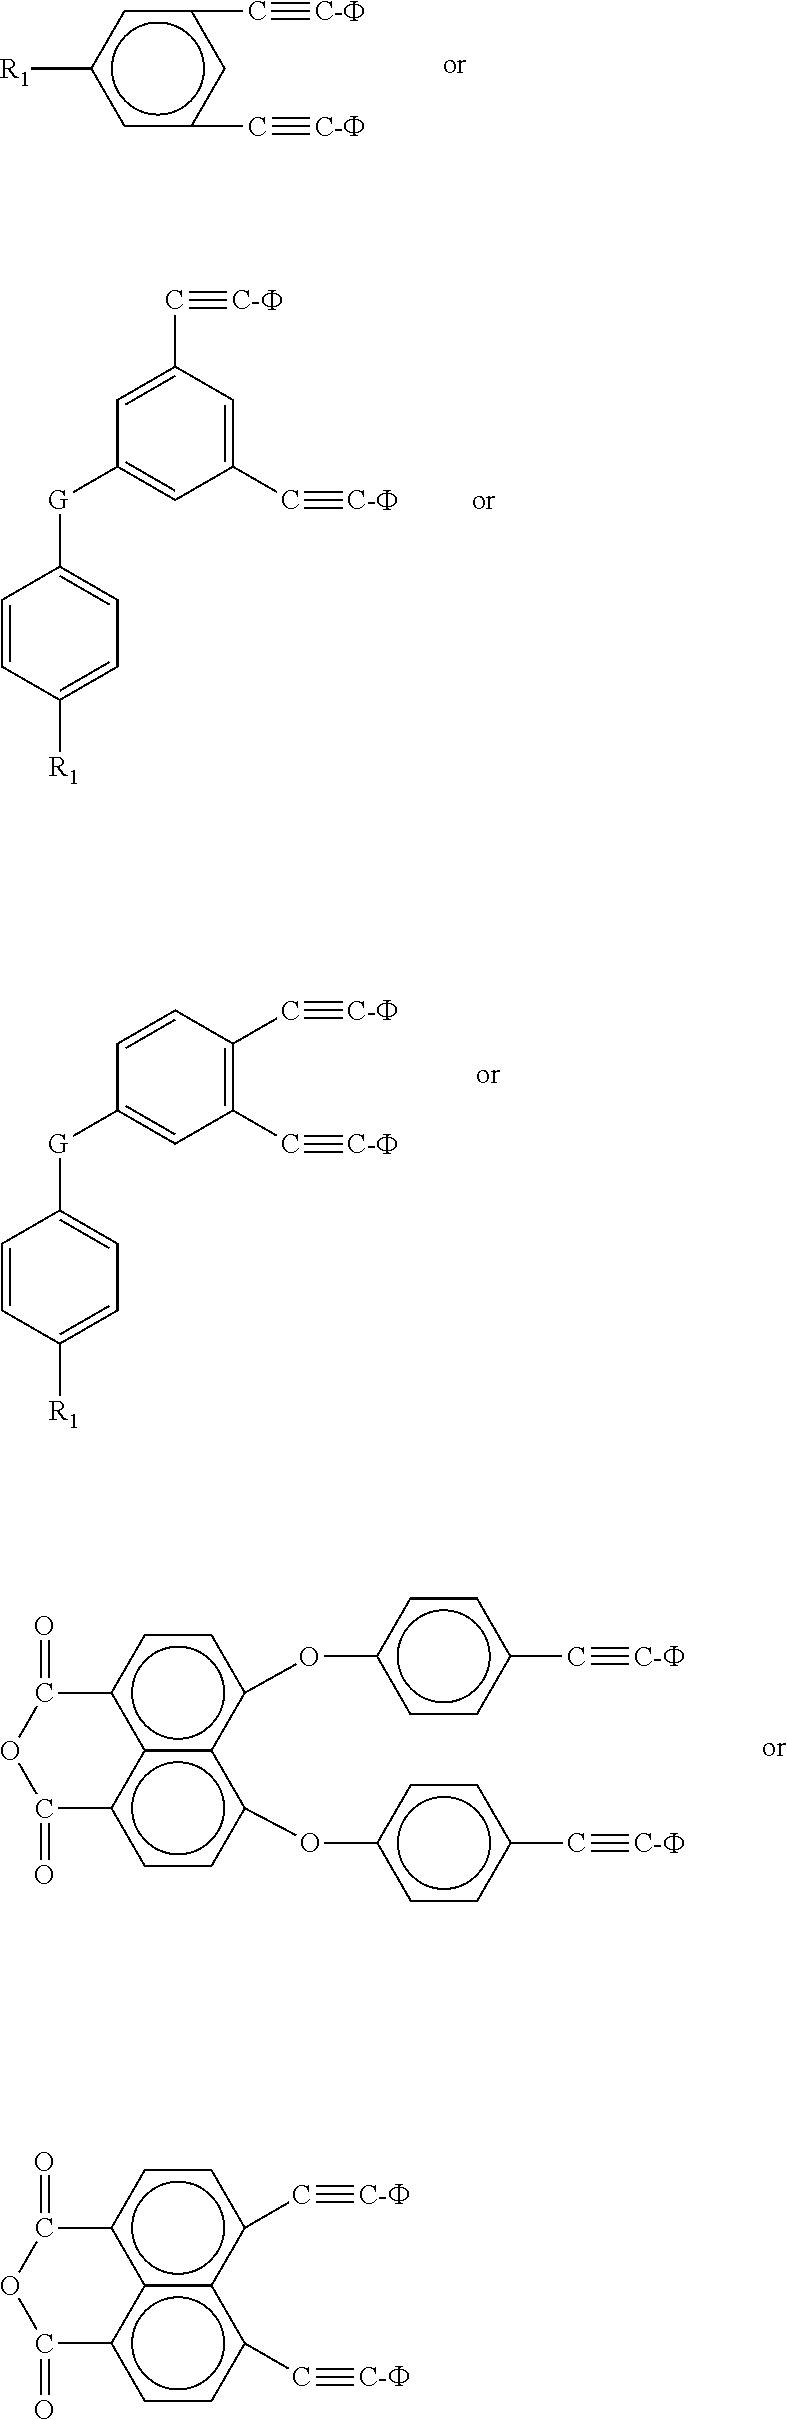 Figure US08106142-20120131-C00012